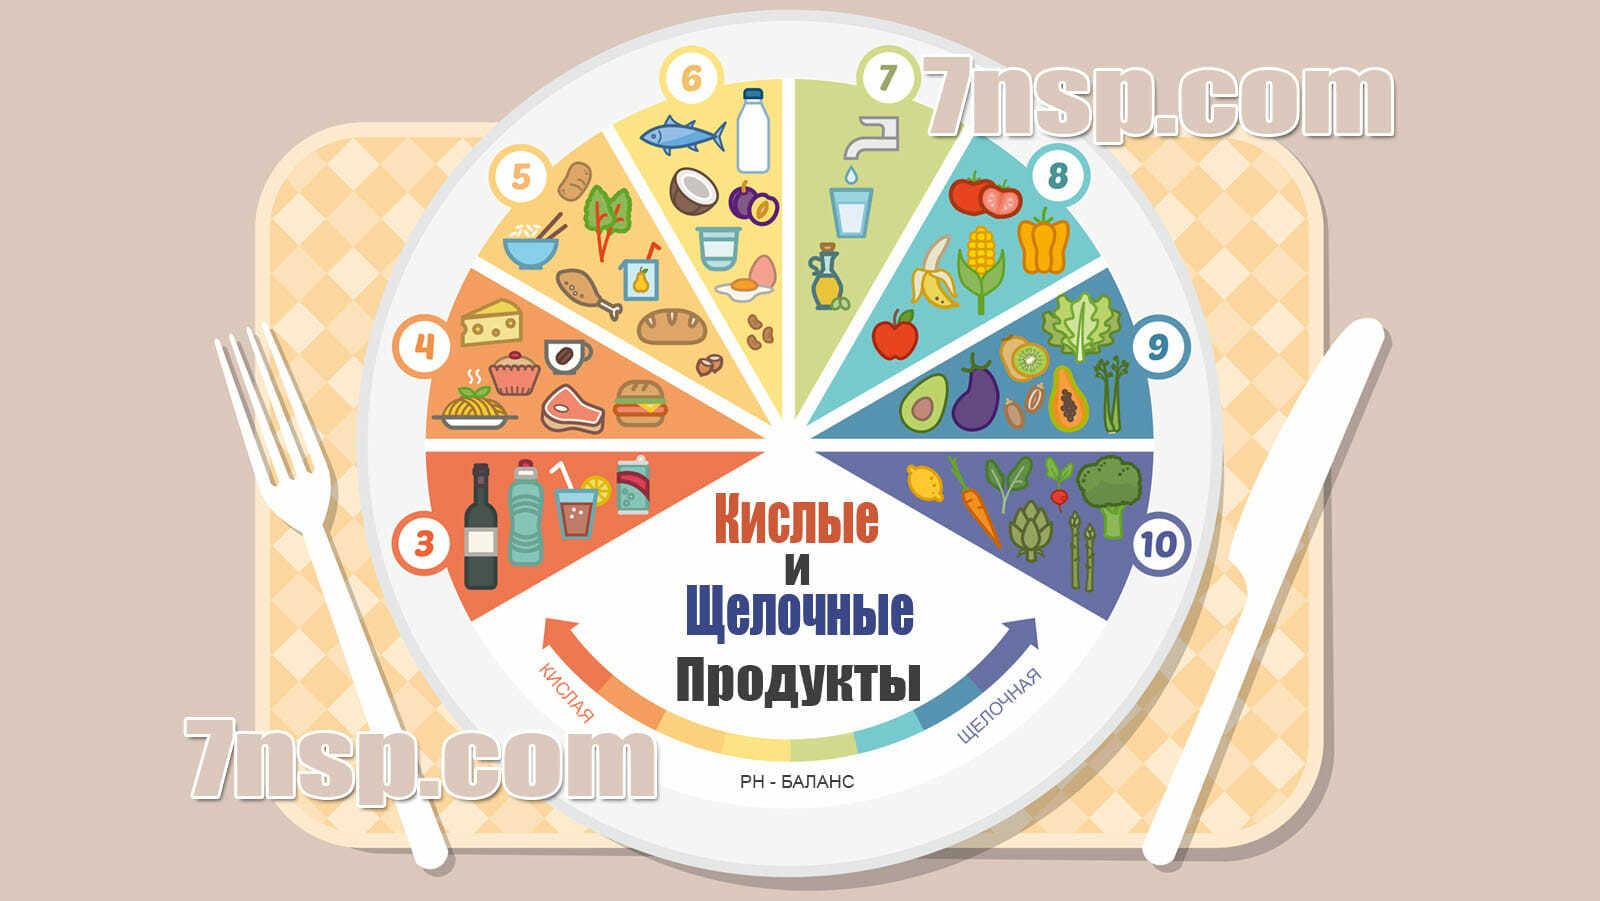 Таблица pH продуктов, кислые и щелочные продукты питания